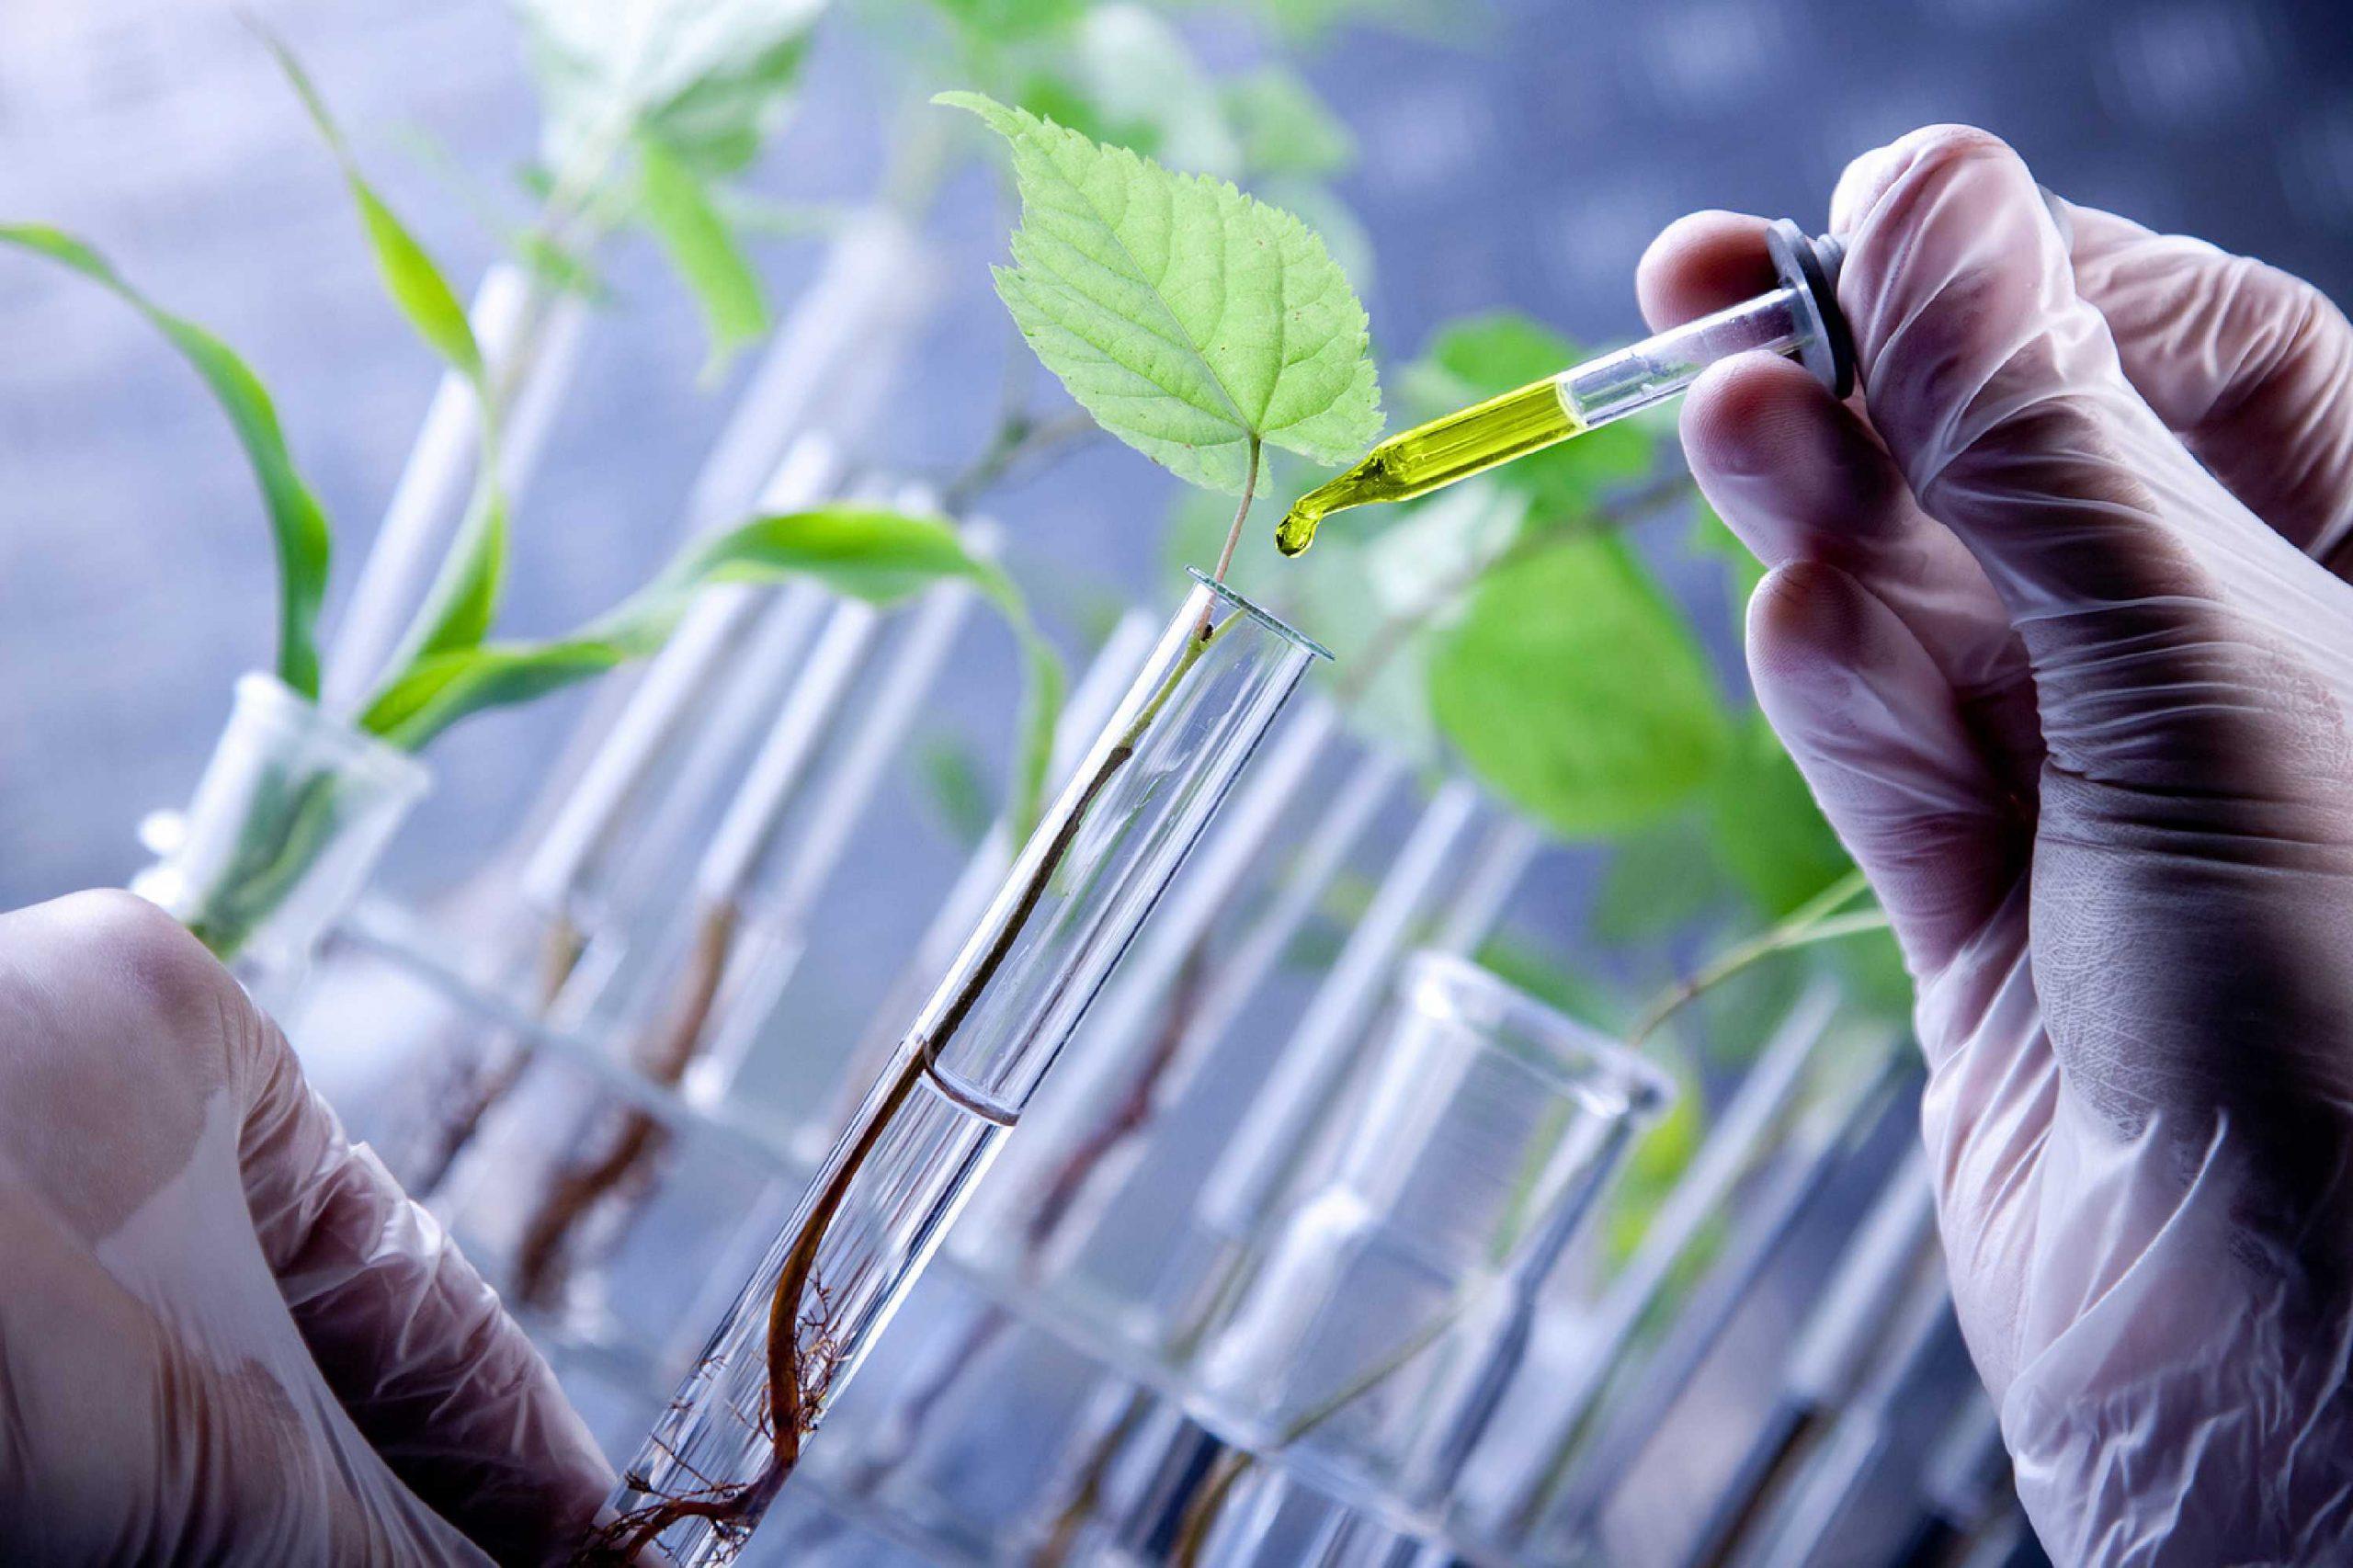 Economistas aseguran que uso de biotecnología en el sector agrario evitará la deforestación en el país